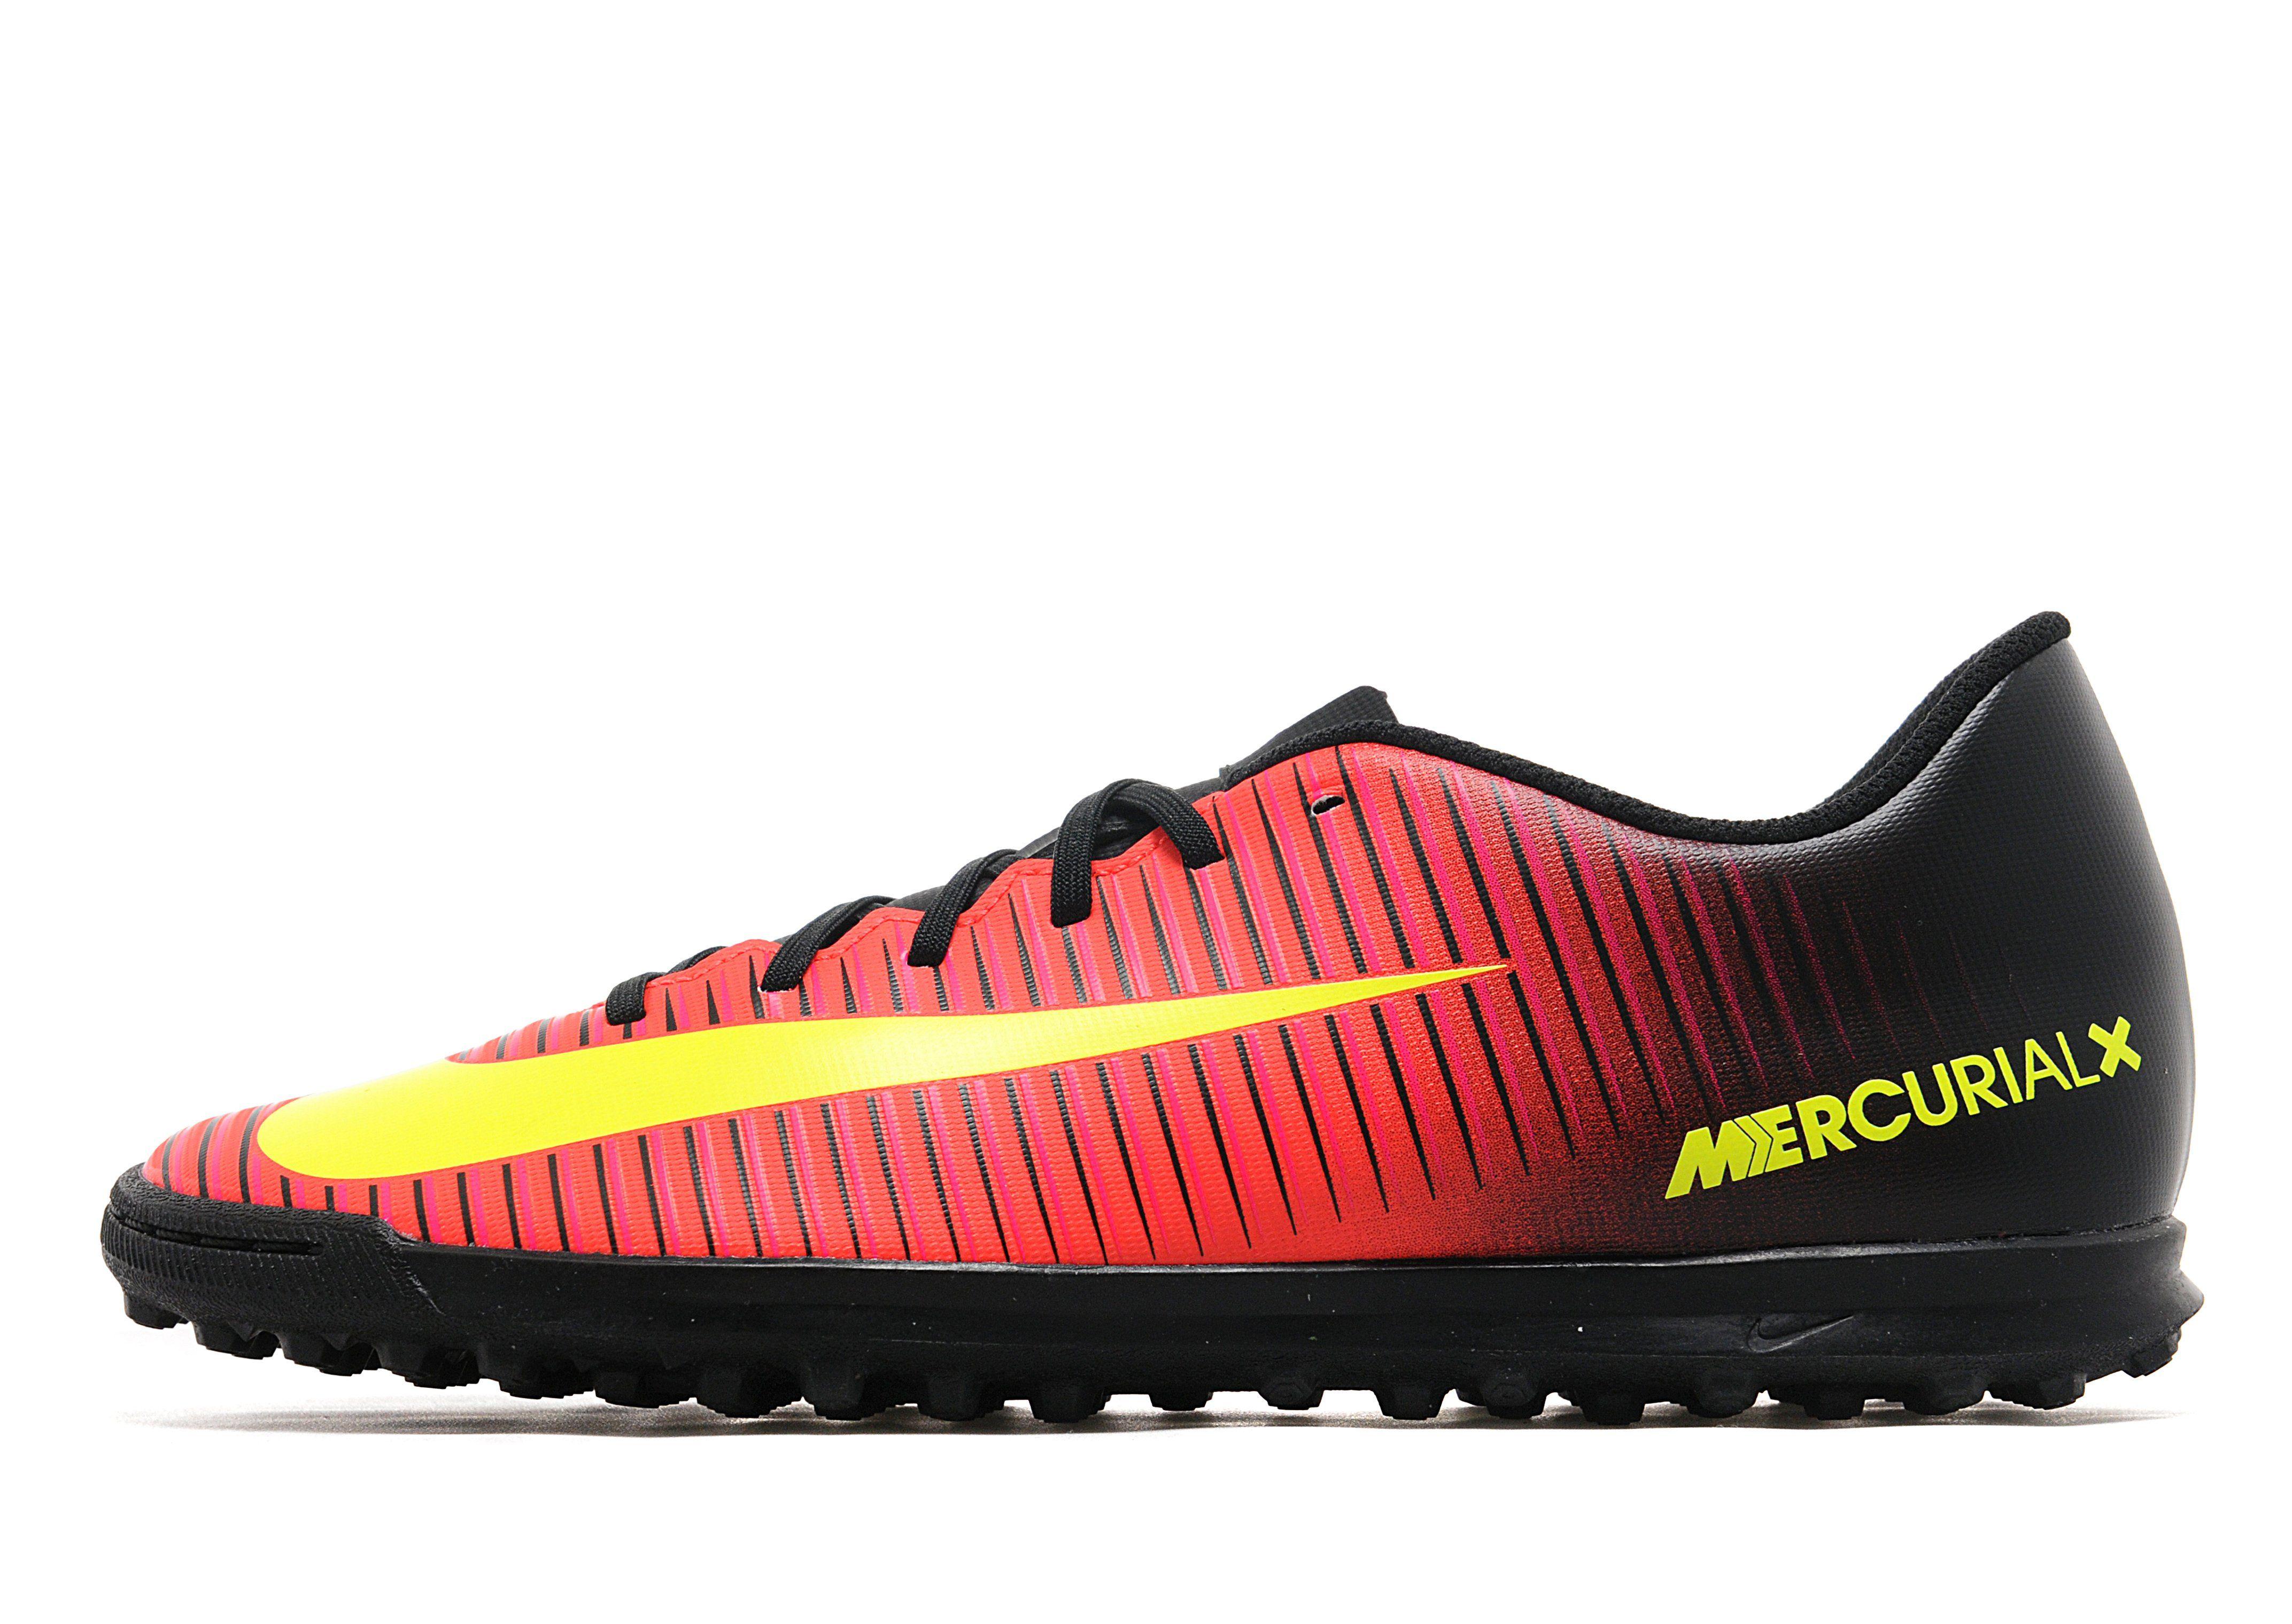 Nike Spark Brilliance Mercurial Vortex III TF  57a58b1a6c3f2